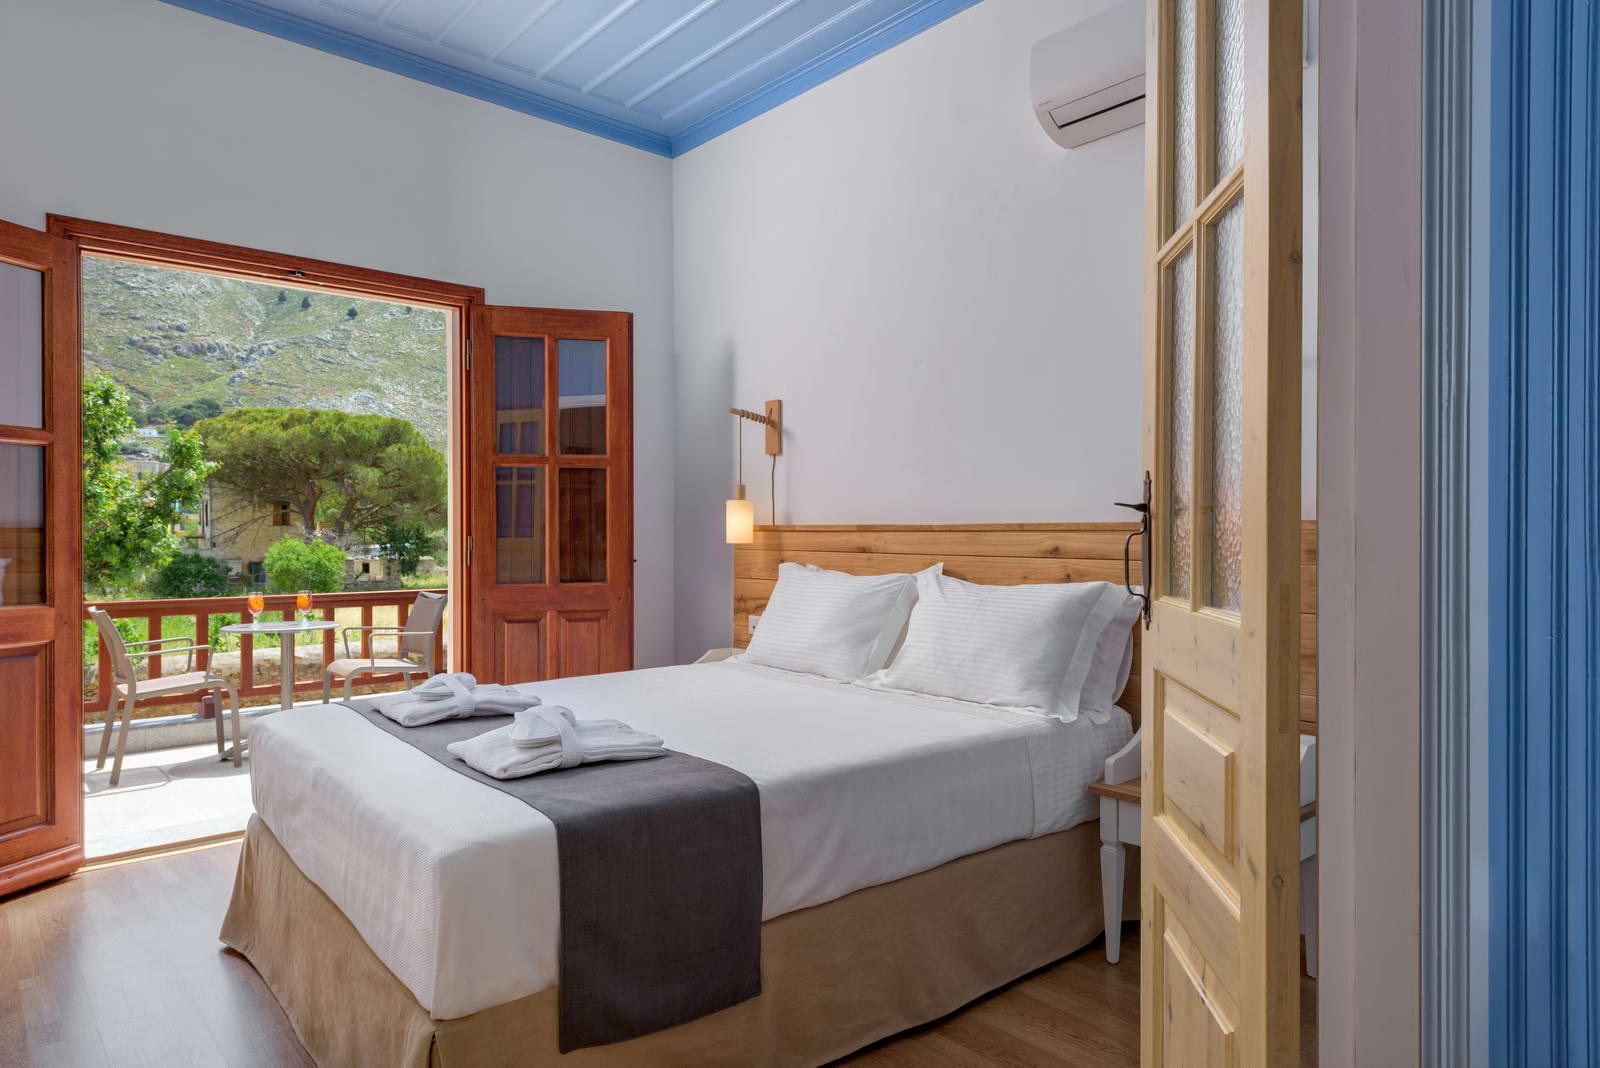 asymi residences symi greece deluxe suite 1